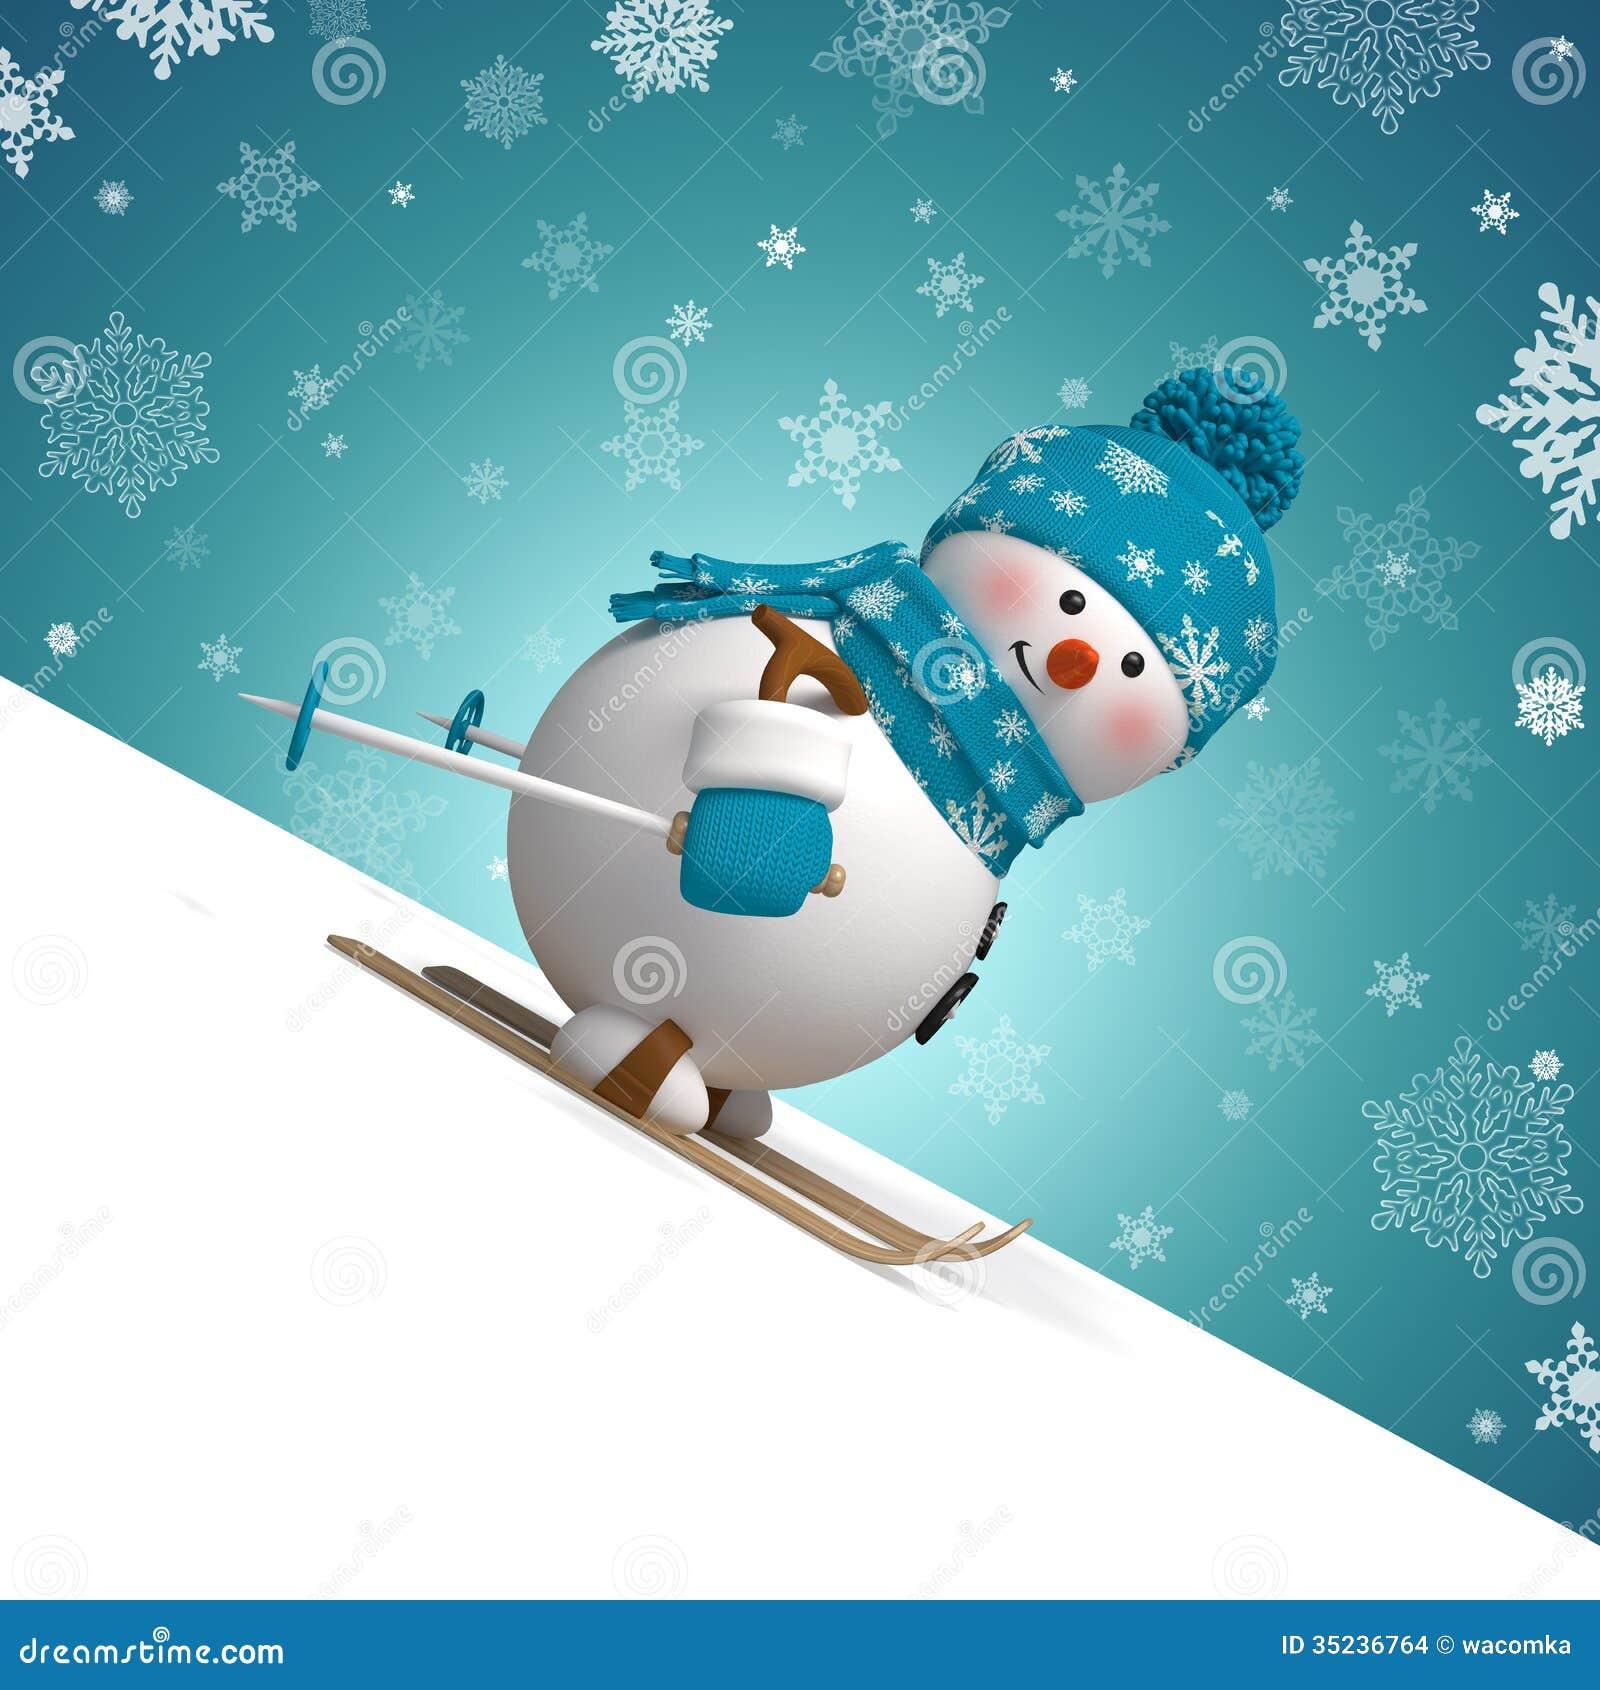 поздравительная открытка рождества снеговика катания на лыжах 3d